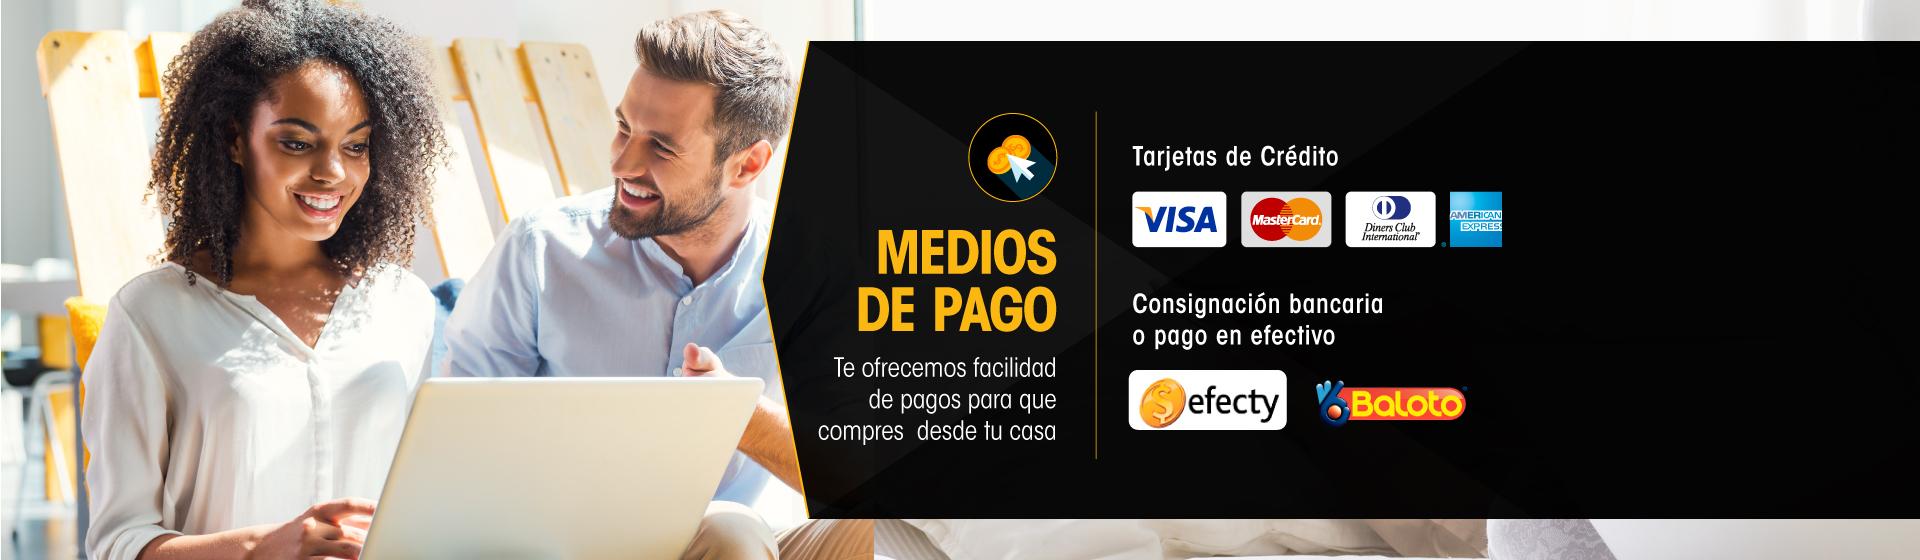 Nuevos medios de pago